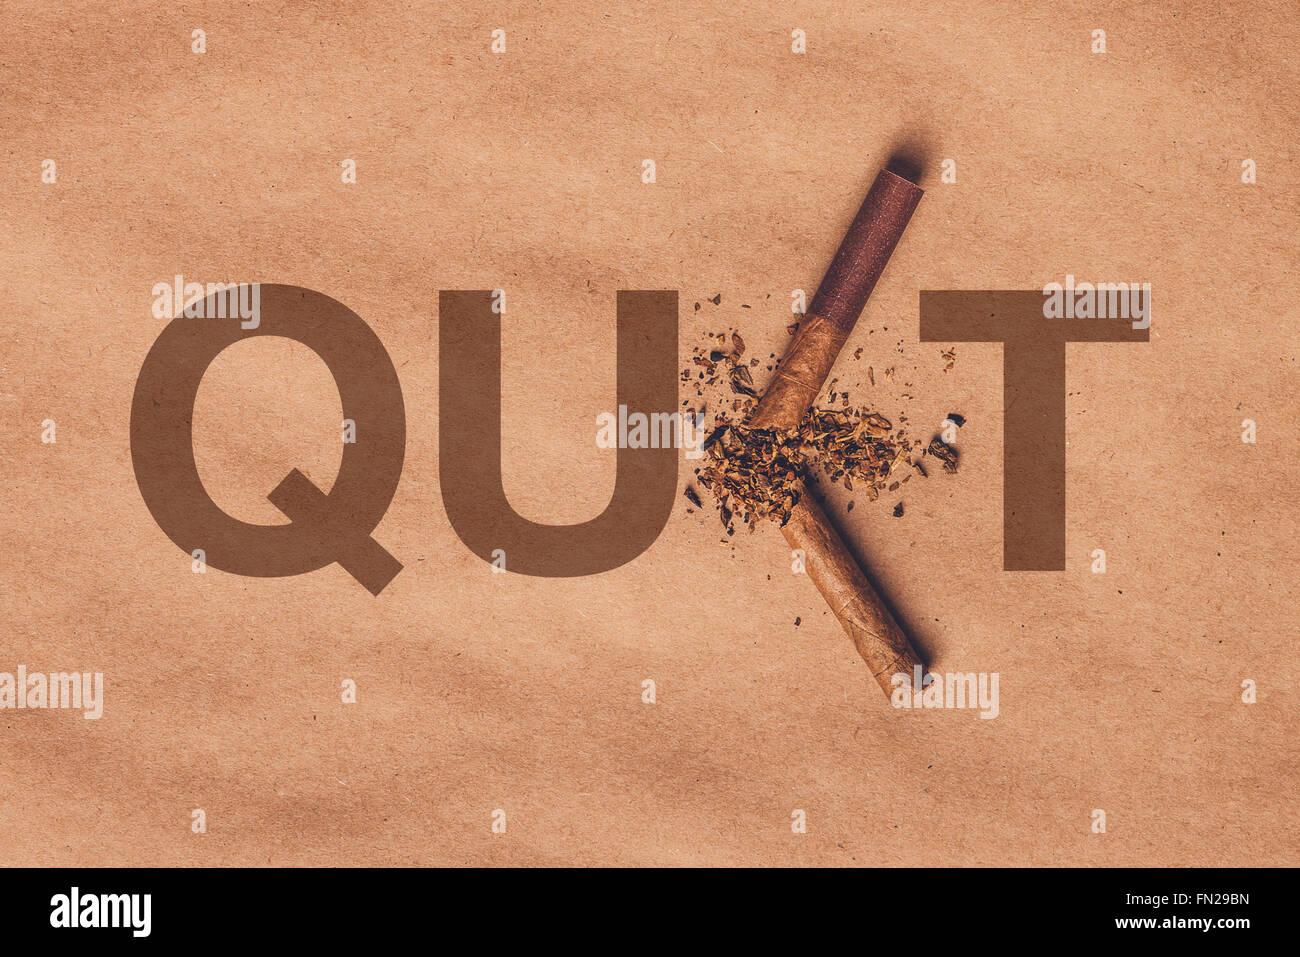 Vista superior del cigarrillo roto a lo largo de papel marrón, dejar de fumar concepto retro, cálidos Imagen De Stock